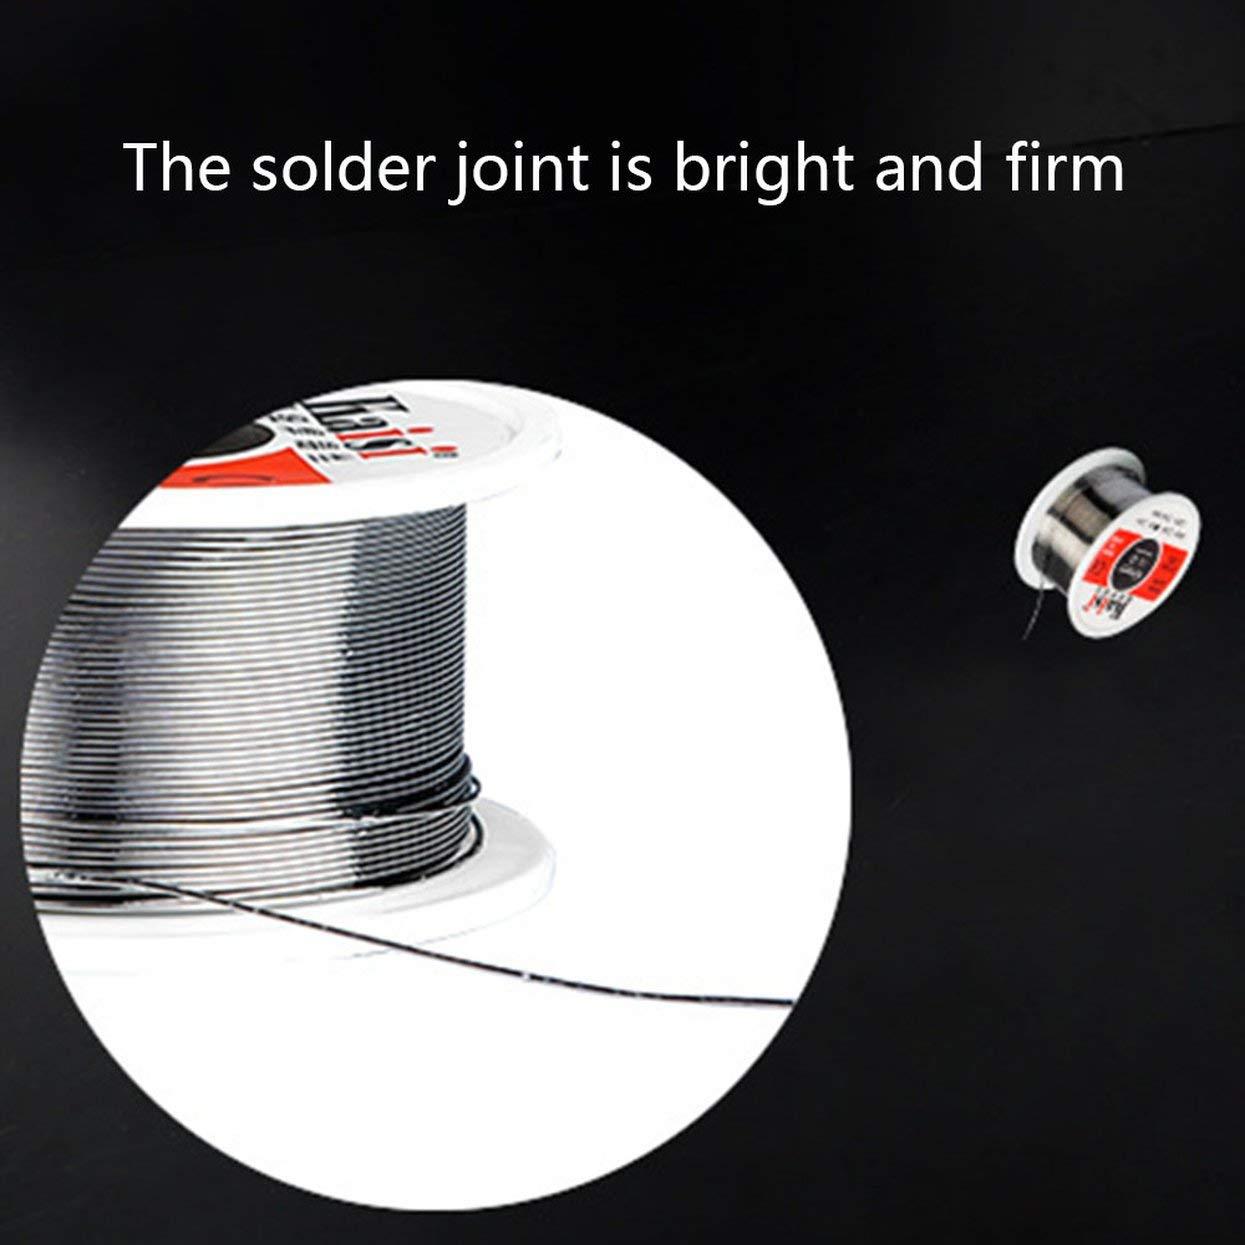 fil de soudure /à point de fusion bas fil d/étain outil de soudage Orang Fil d/étain de 0,6 mm composants /électroniques de haute puret/é blanc